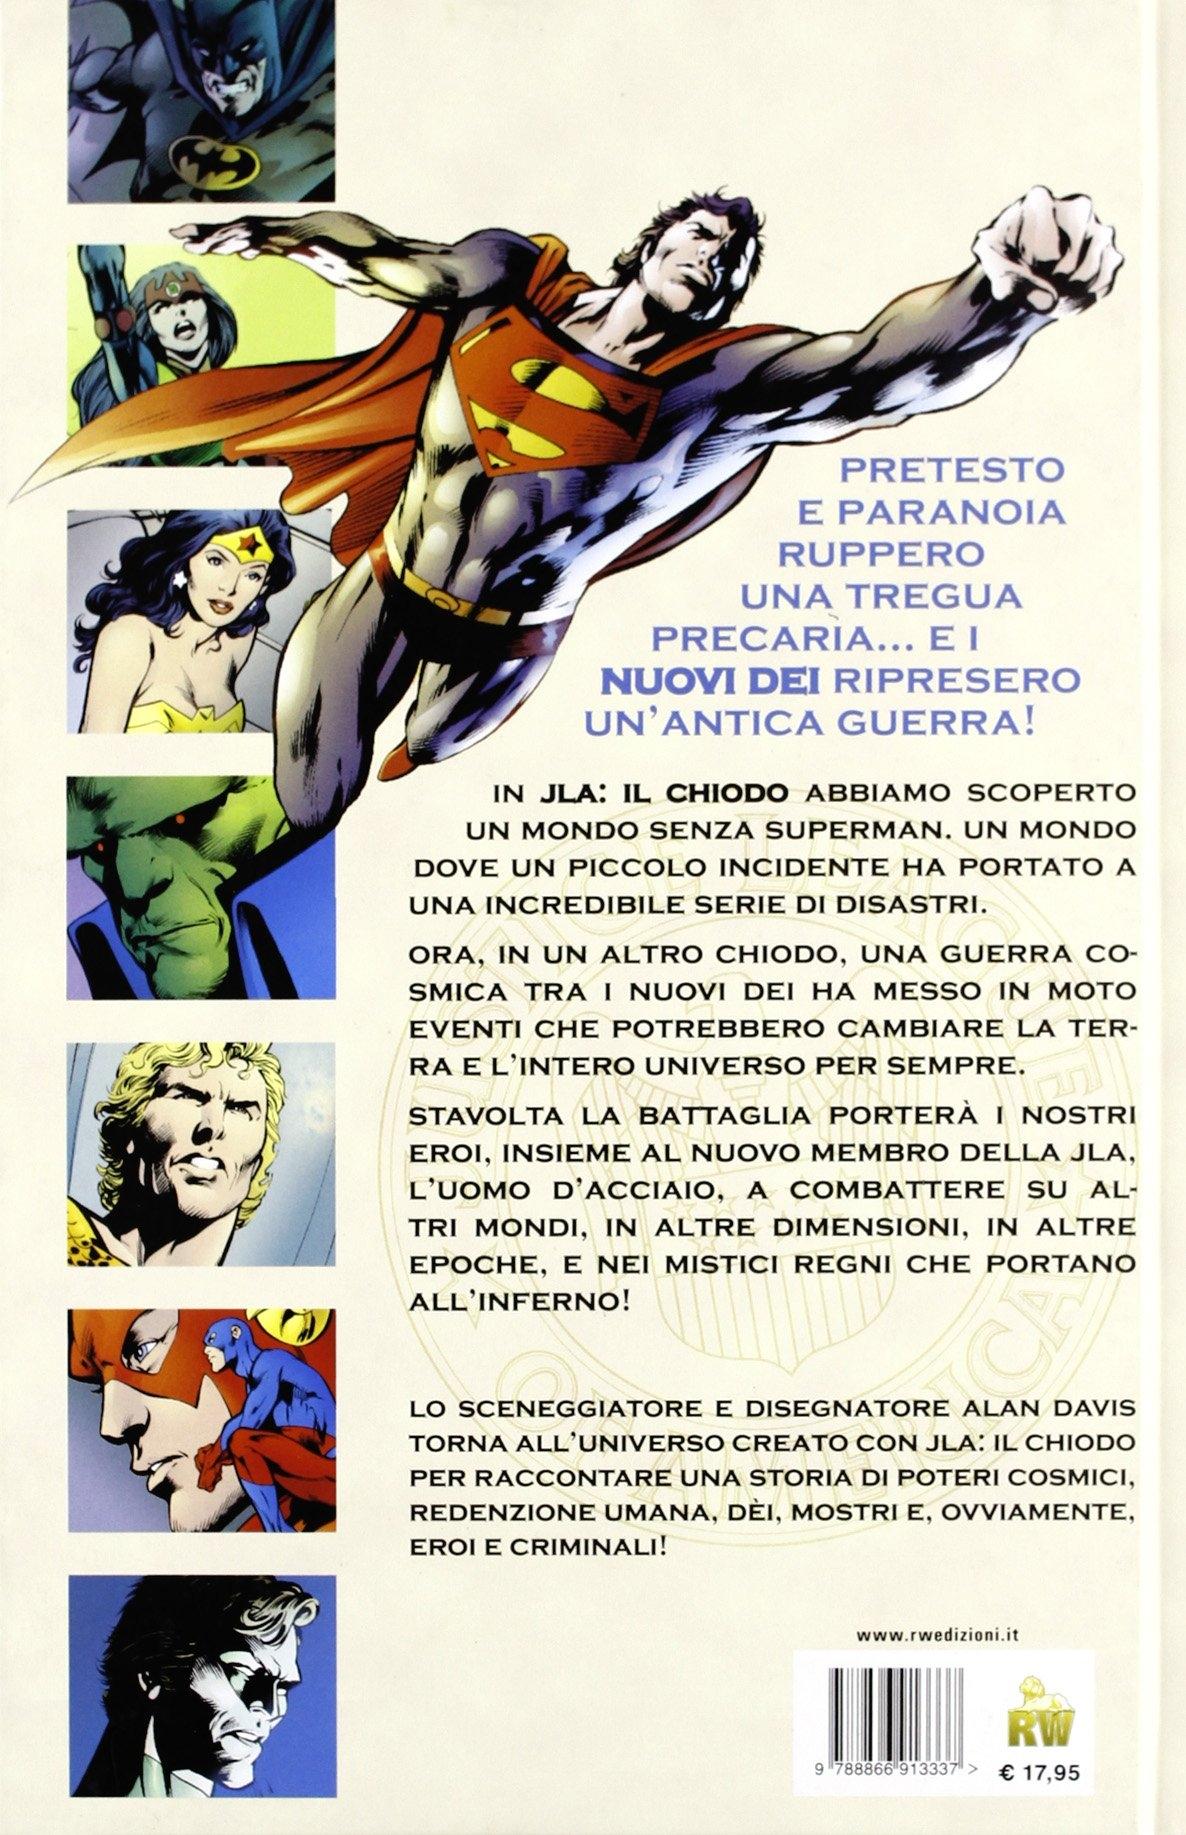 Justice League. Un altro chiodo.